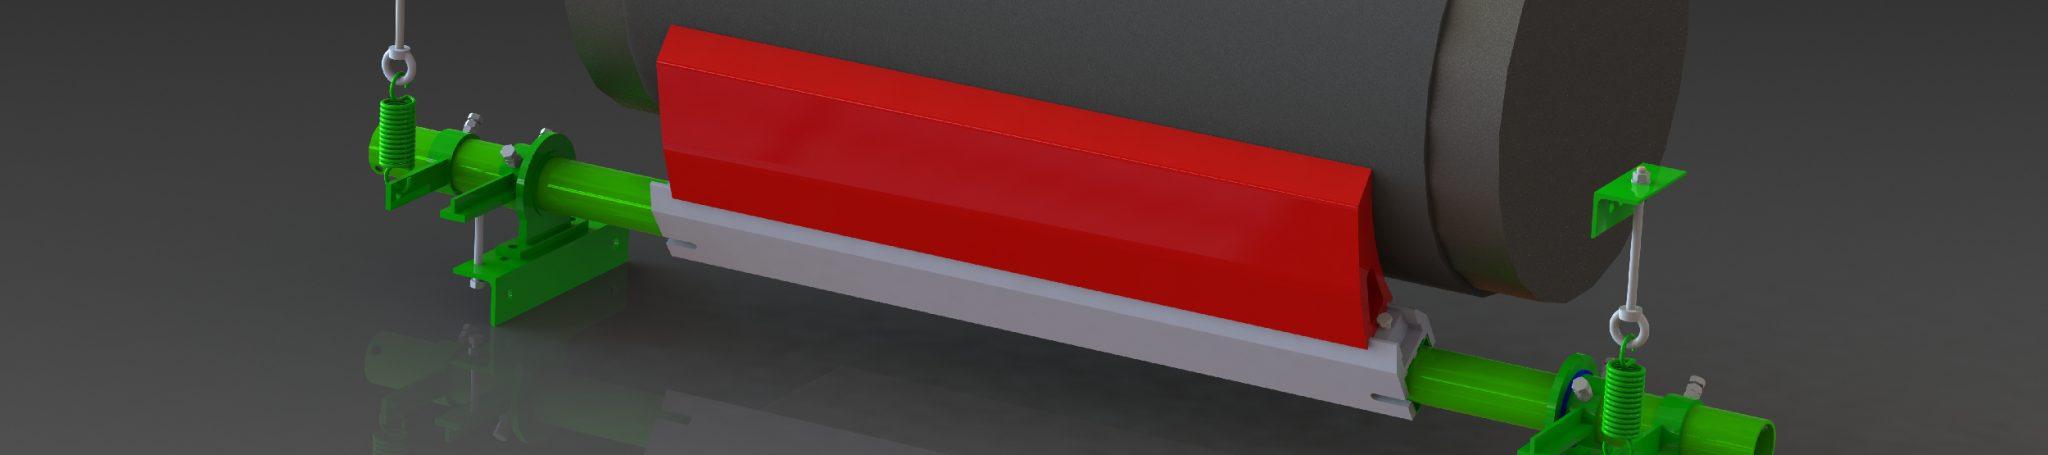 racleur tangentiel TPH kopschraper Abstreifer